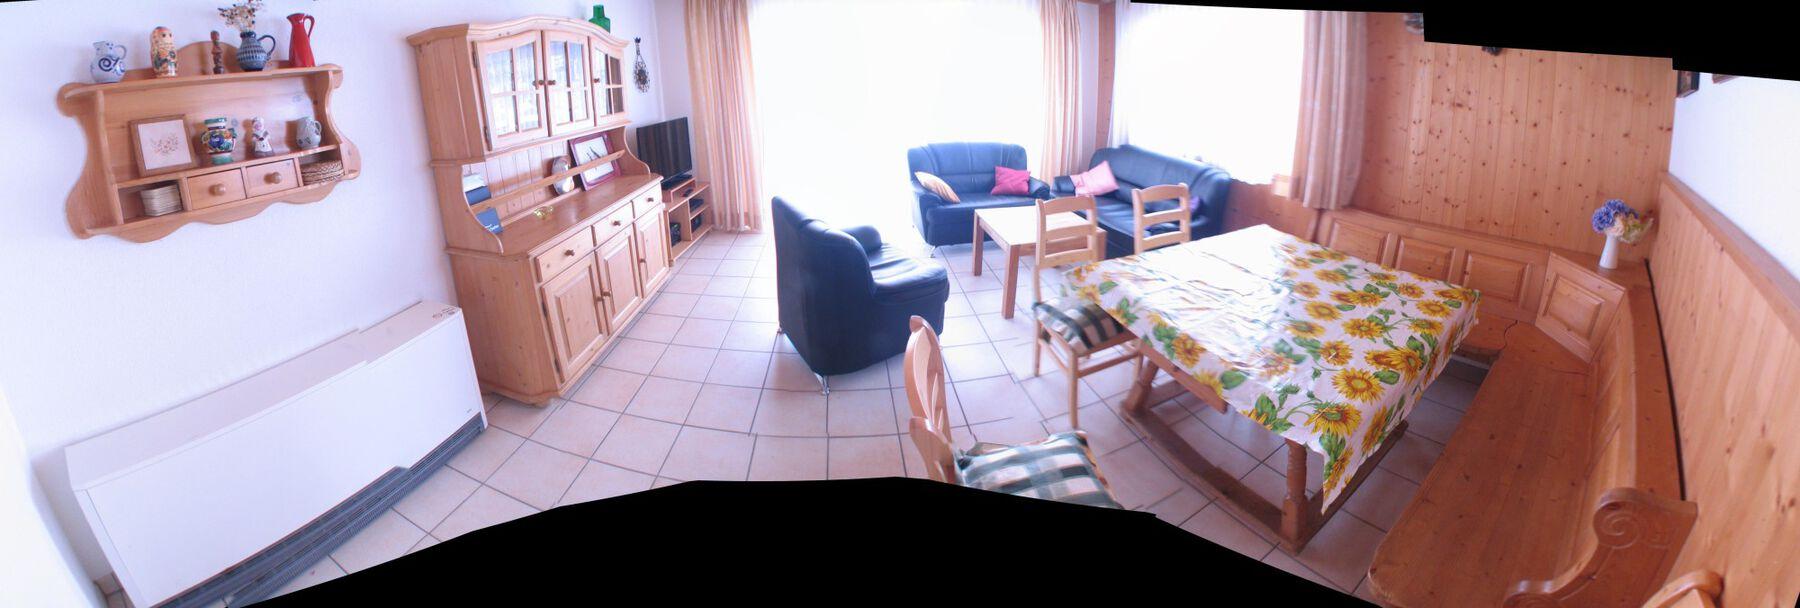 :Wohnzimmer Panorama von der Tür aus